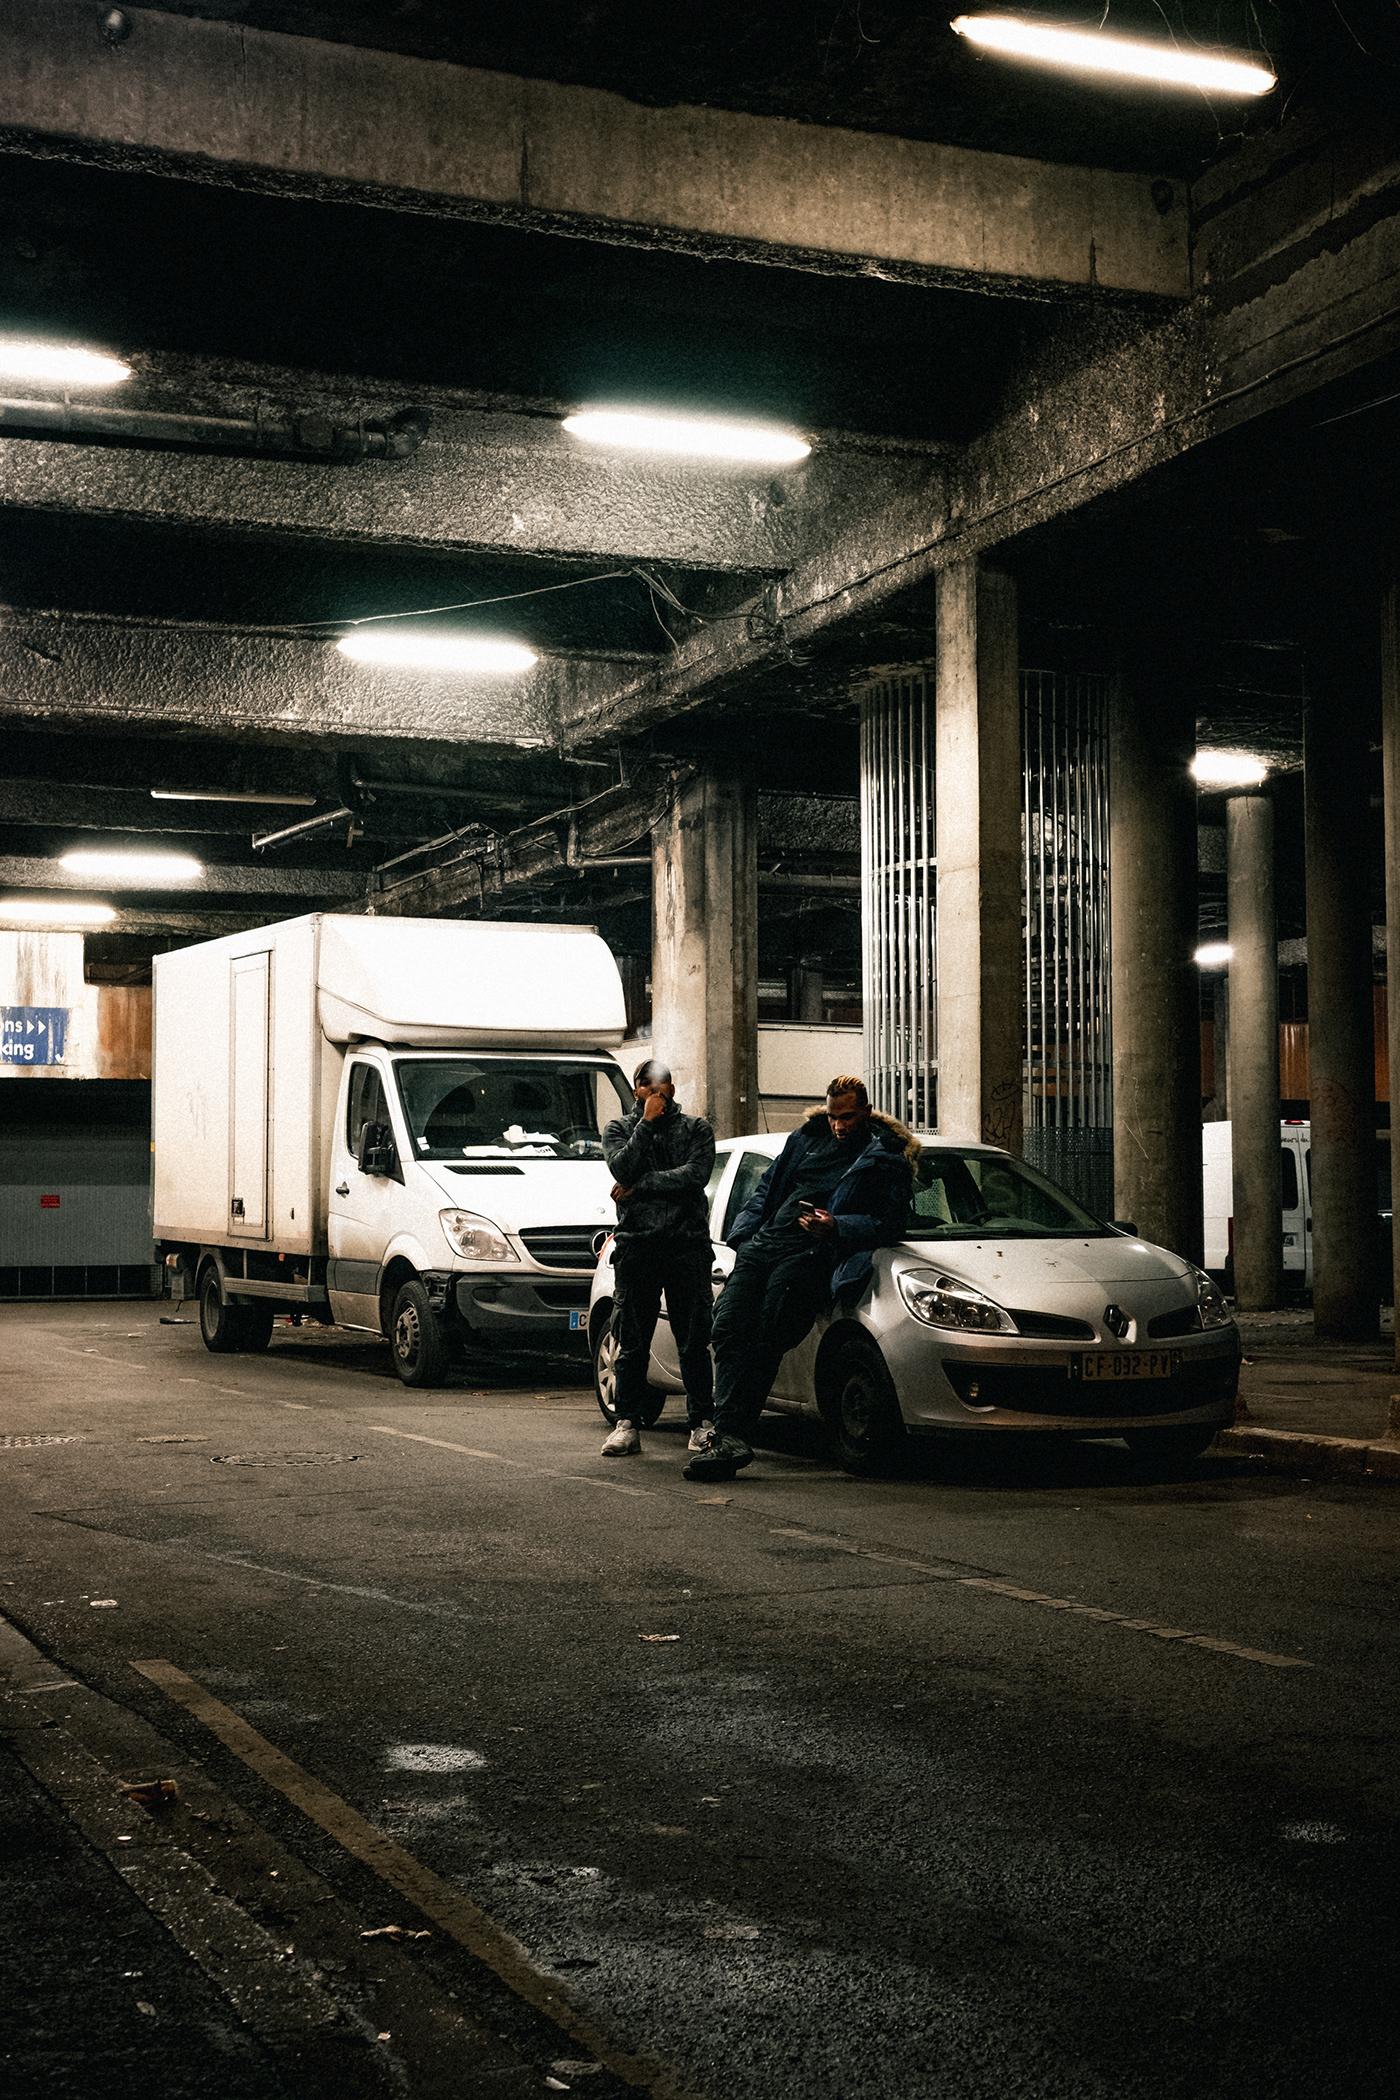 fujifilm gotham night streets Urban night photography